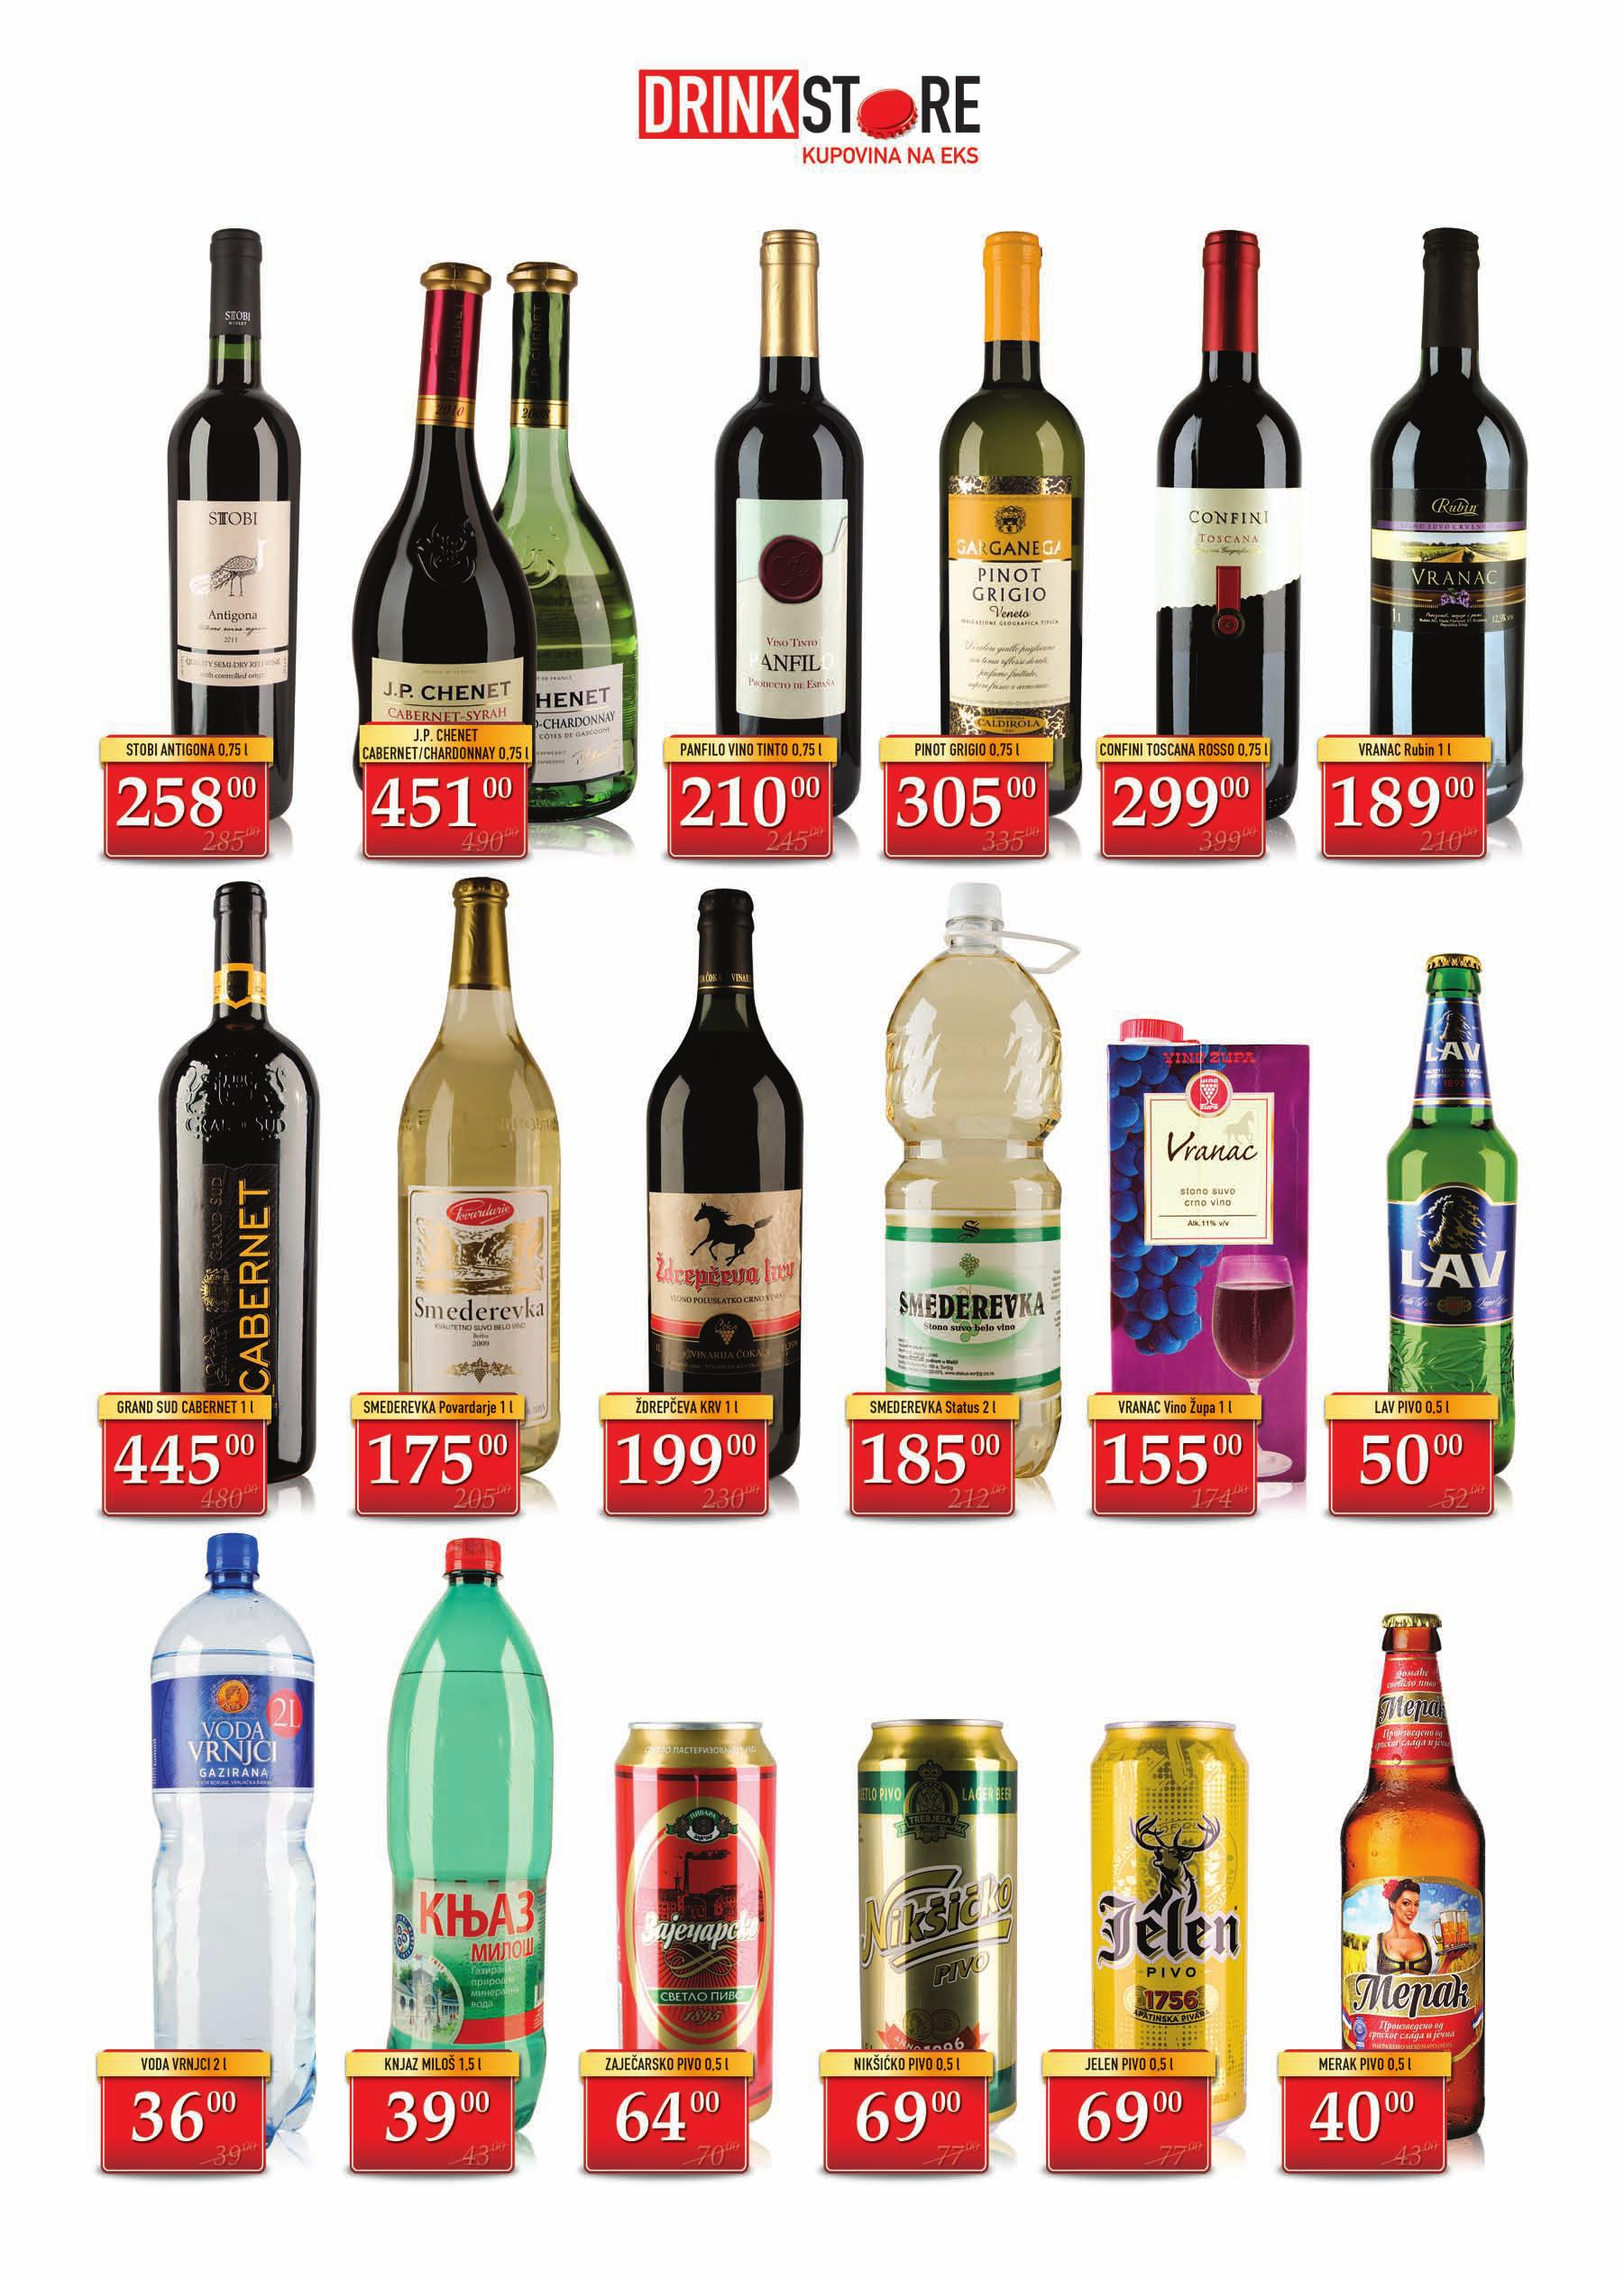 Drinkstore katalog najbolje ponude